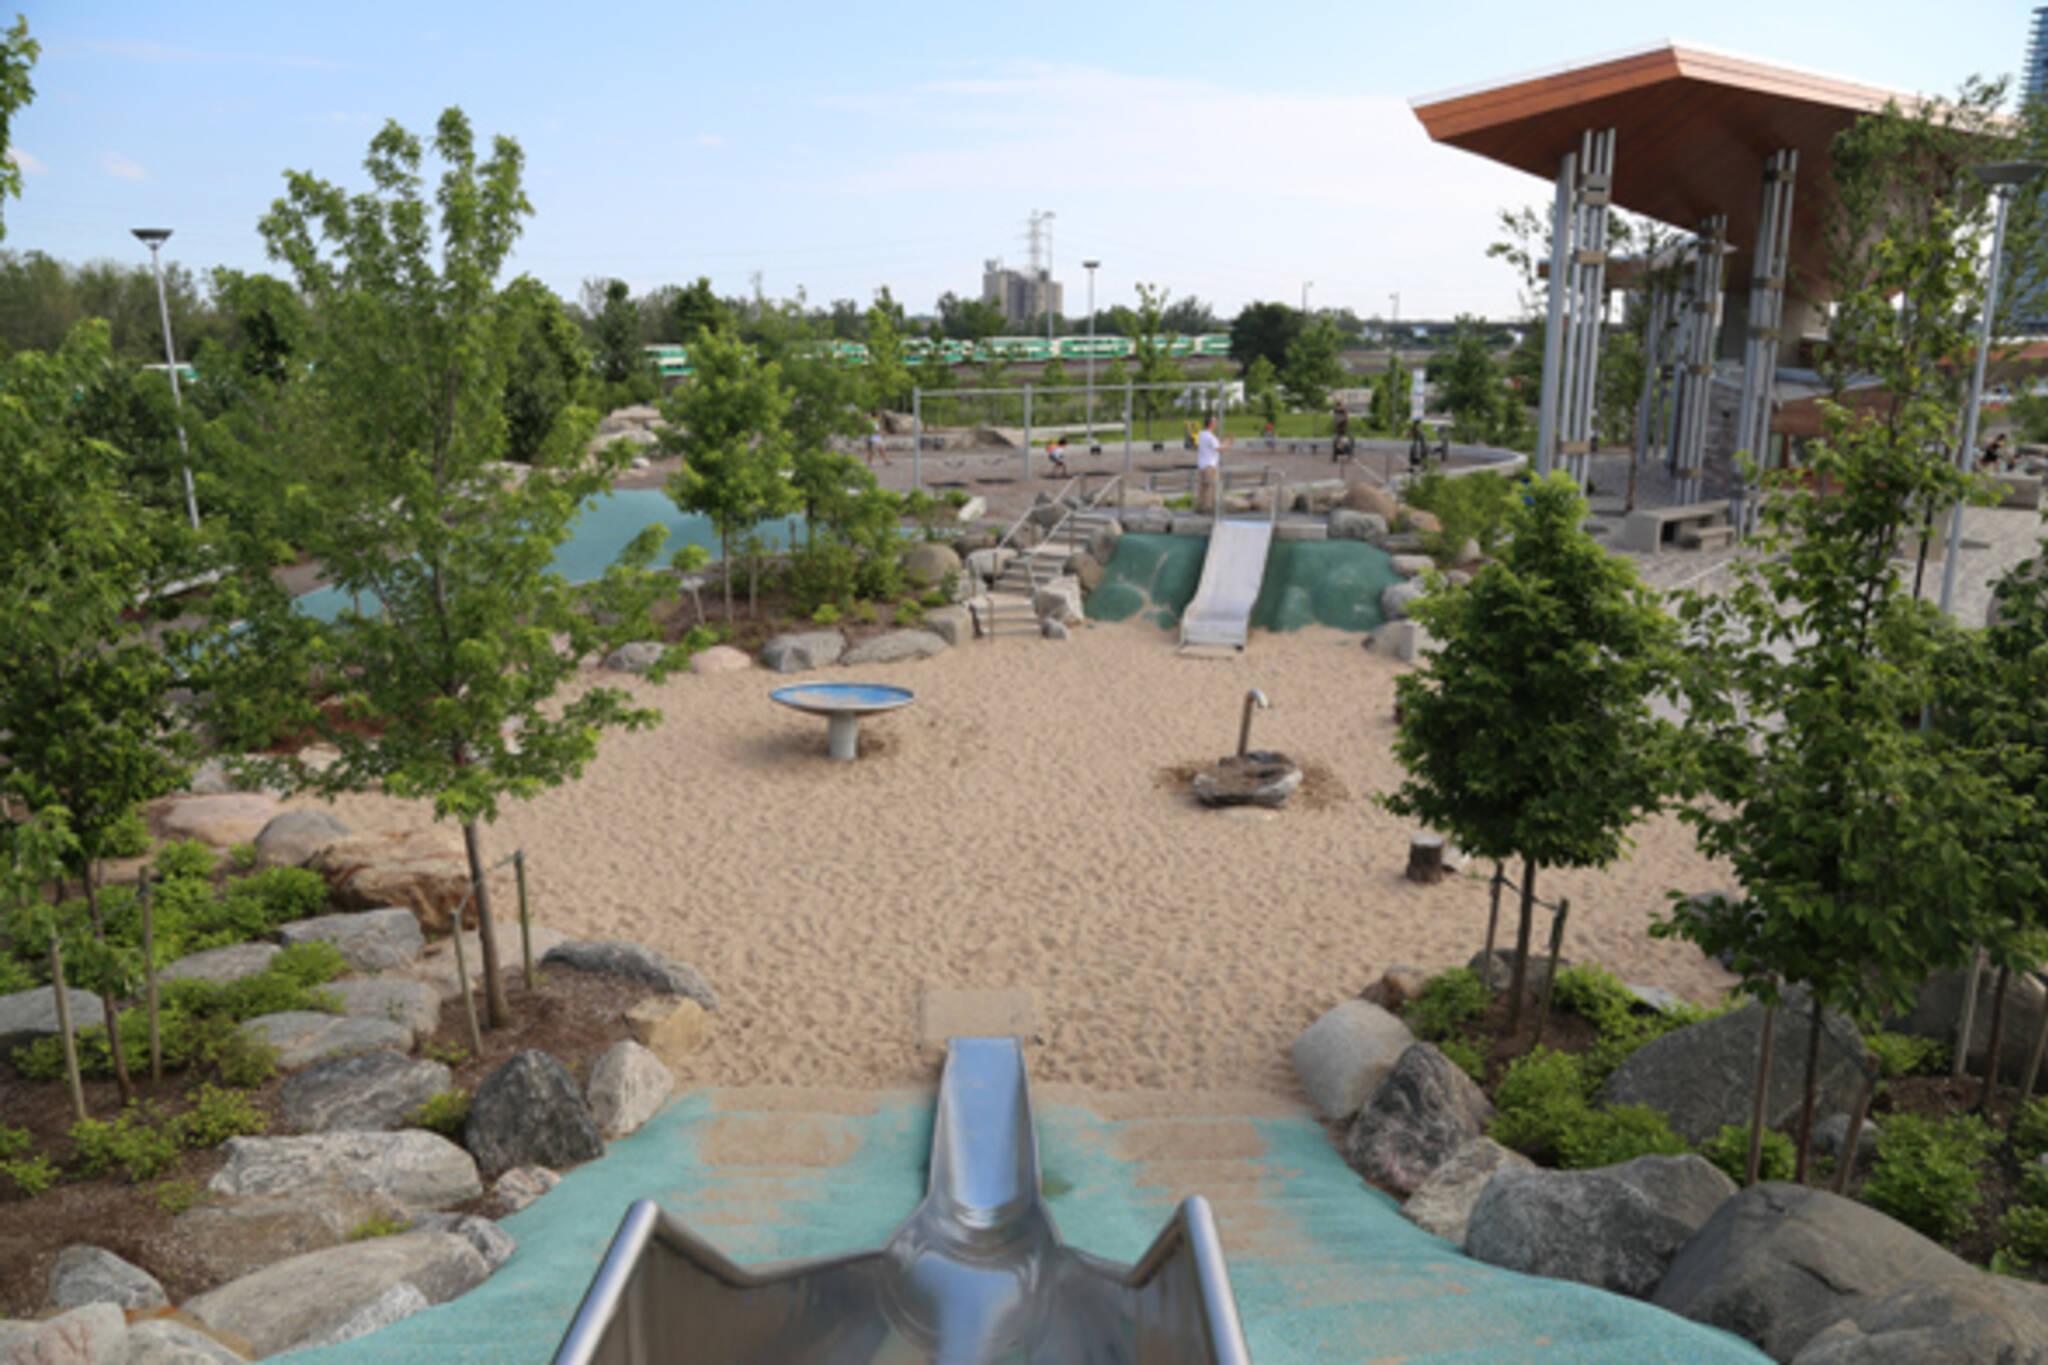 toronto playgrounds